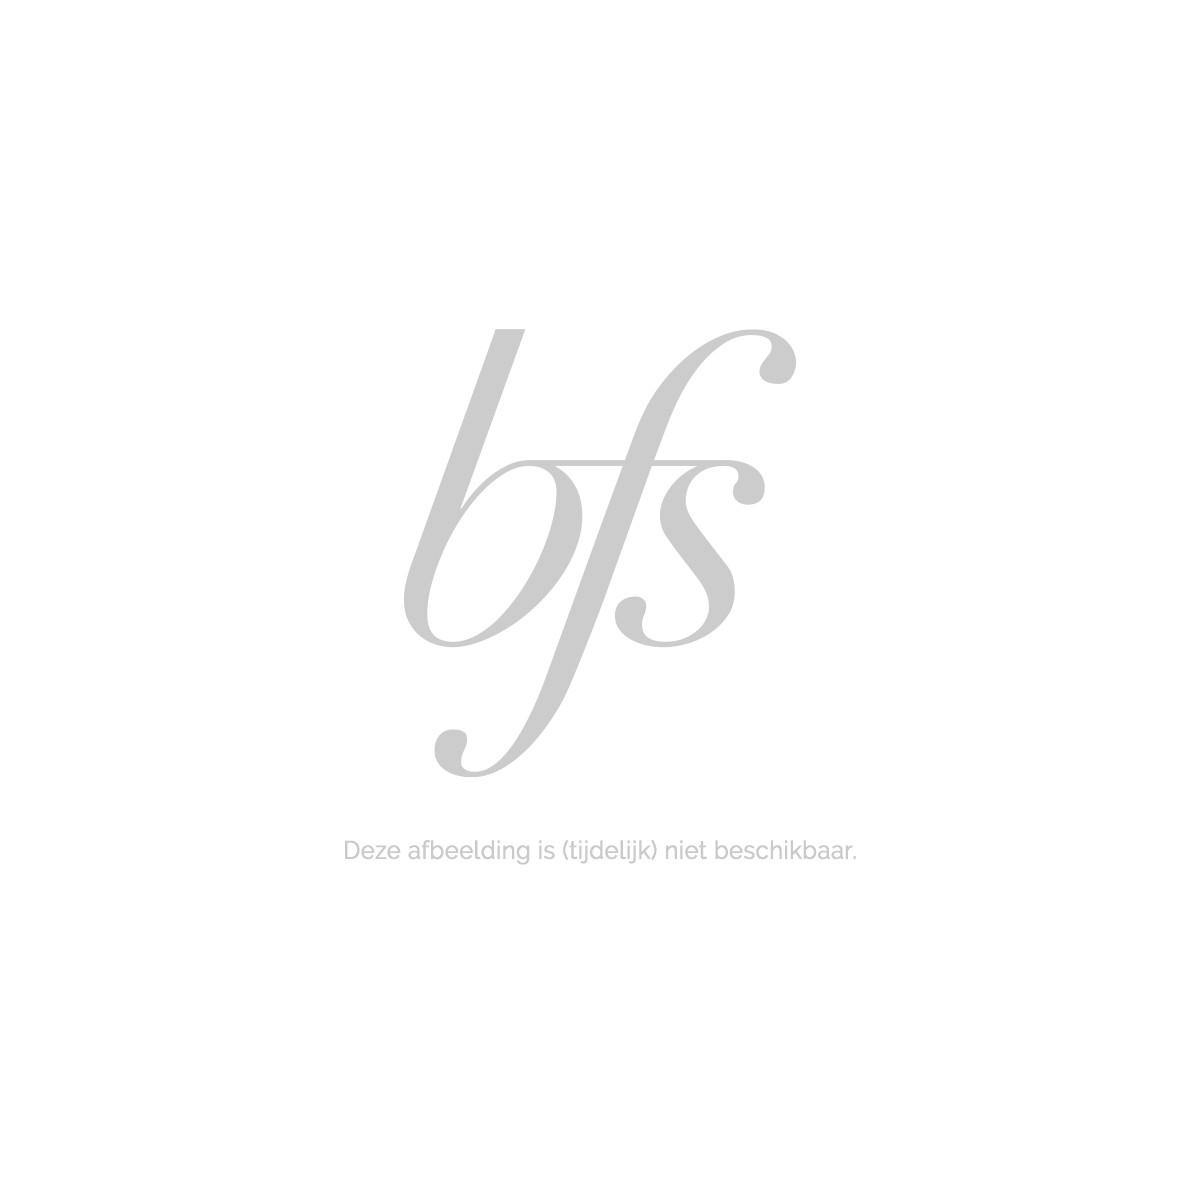 Beautyblender Liquid Blendercleanser 295 Ml